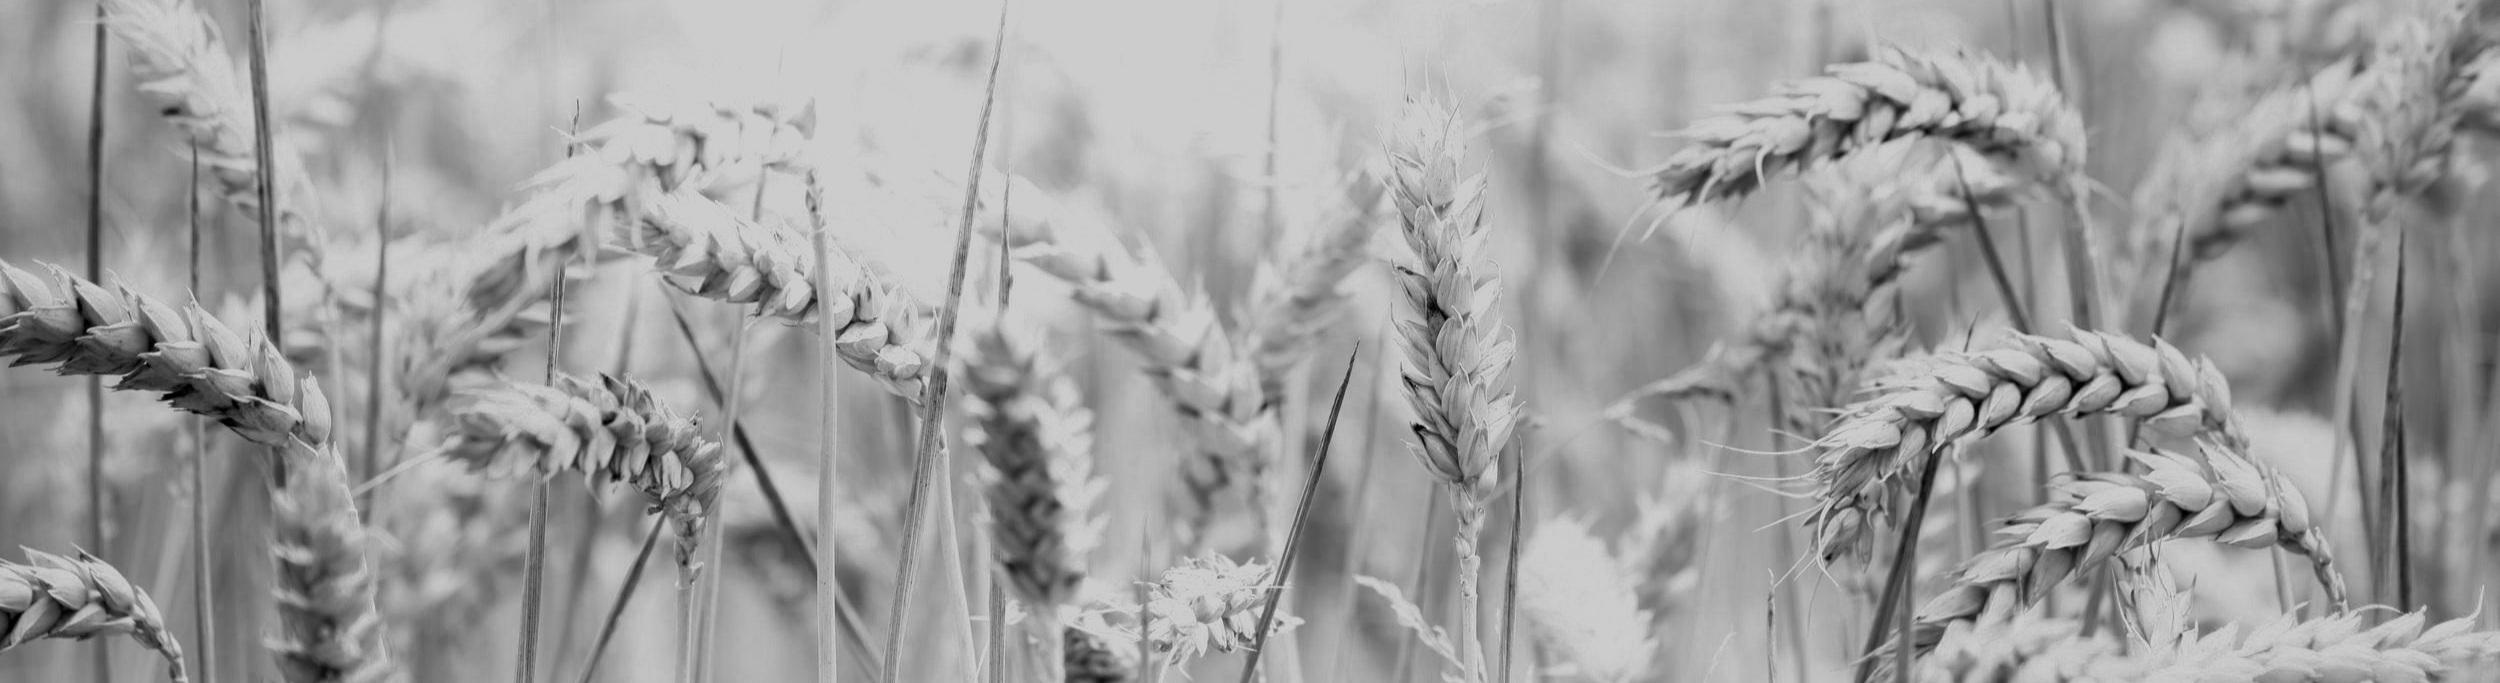 Multi-Grain Cereal -